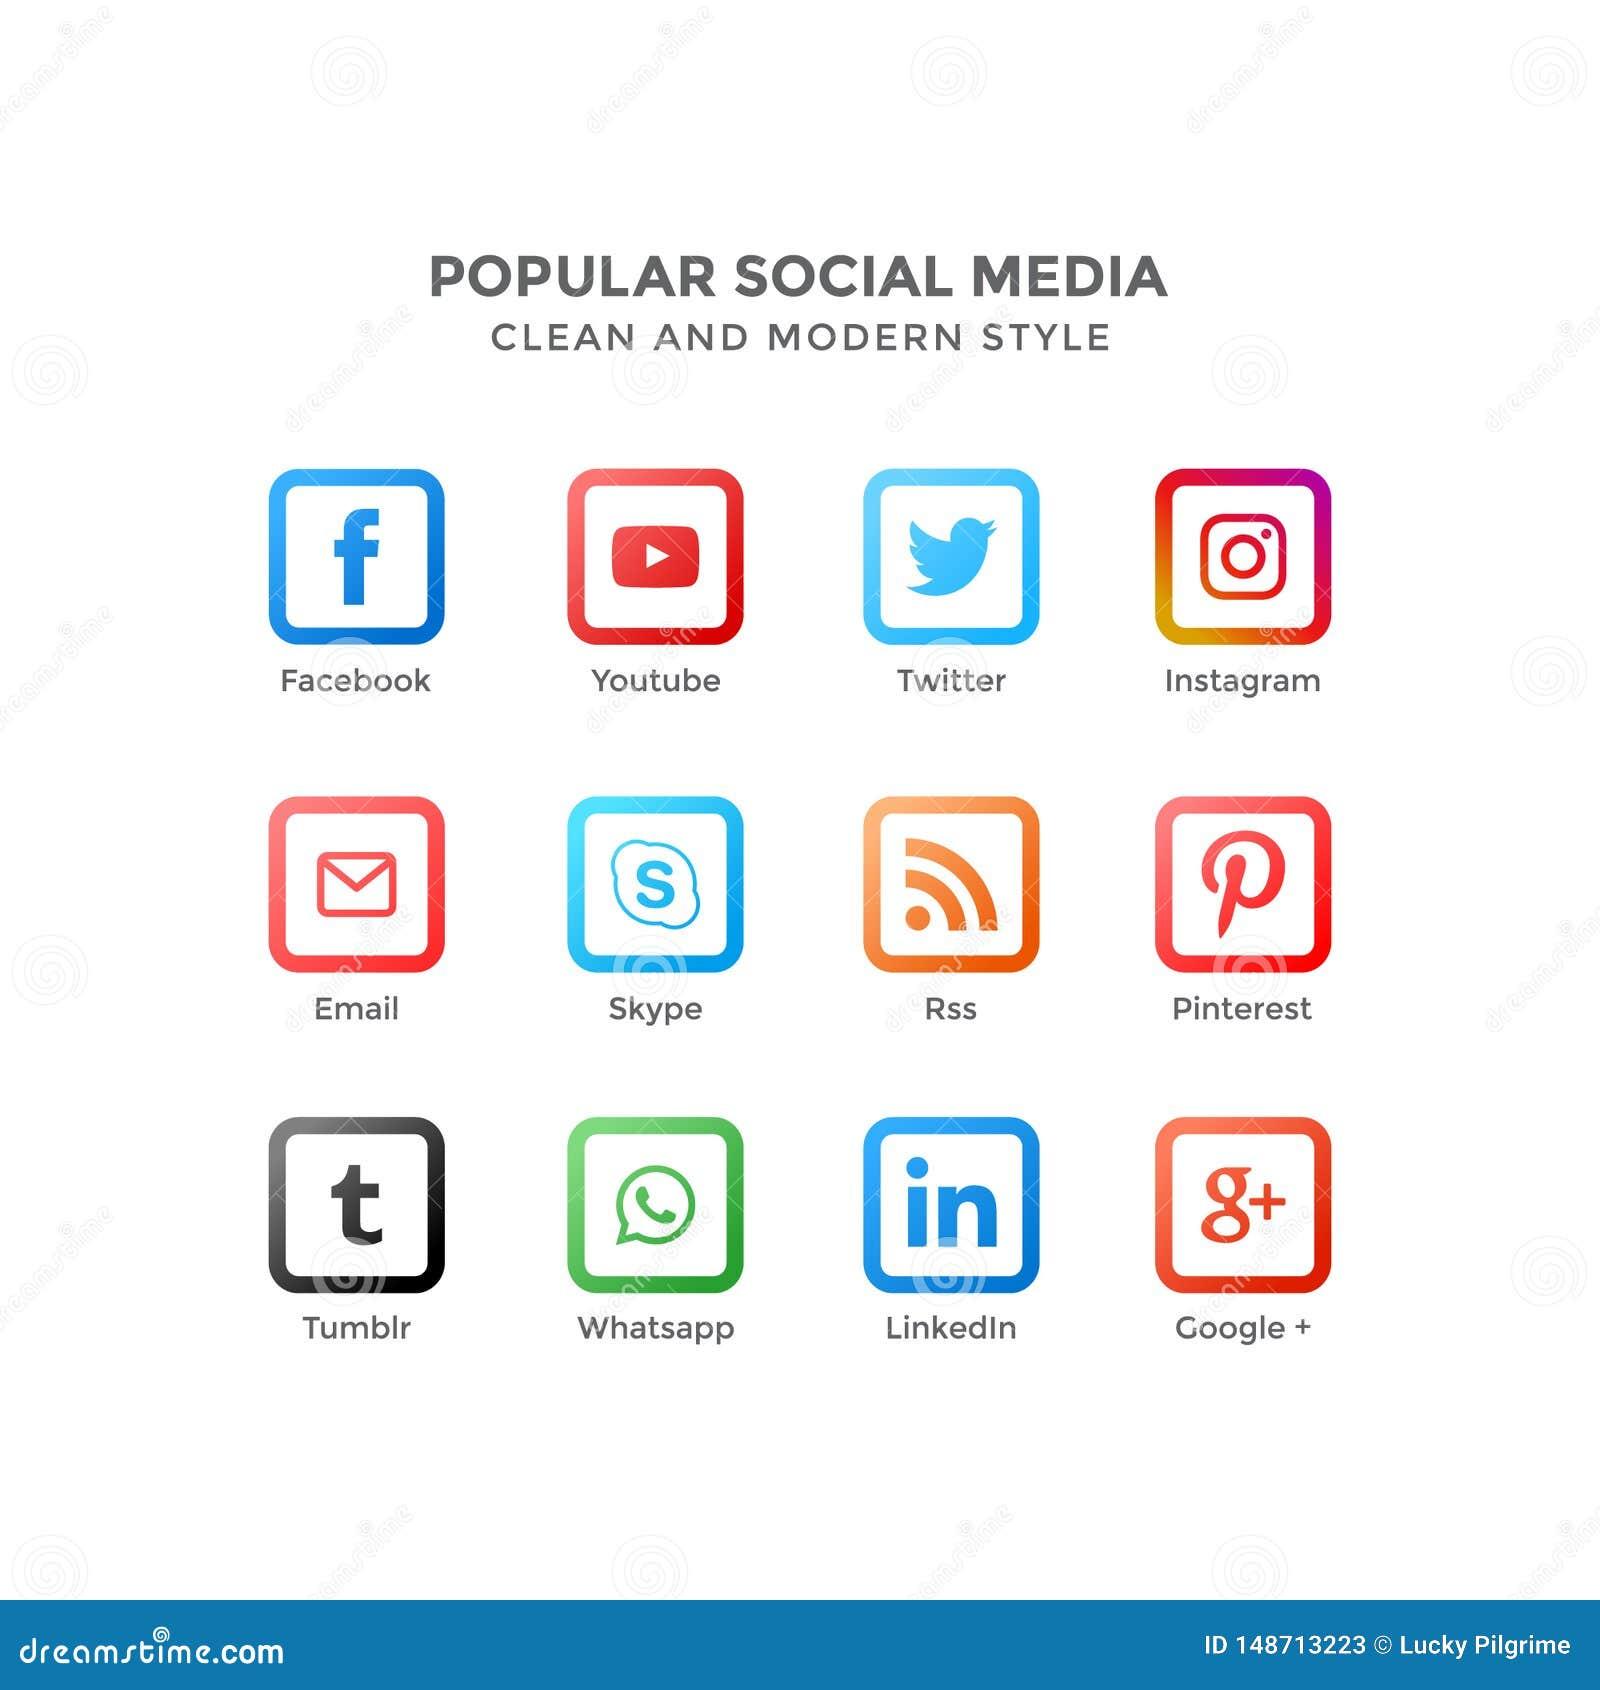 Iconos del vector de medios sociales populares en estilo limpio y moderno